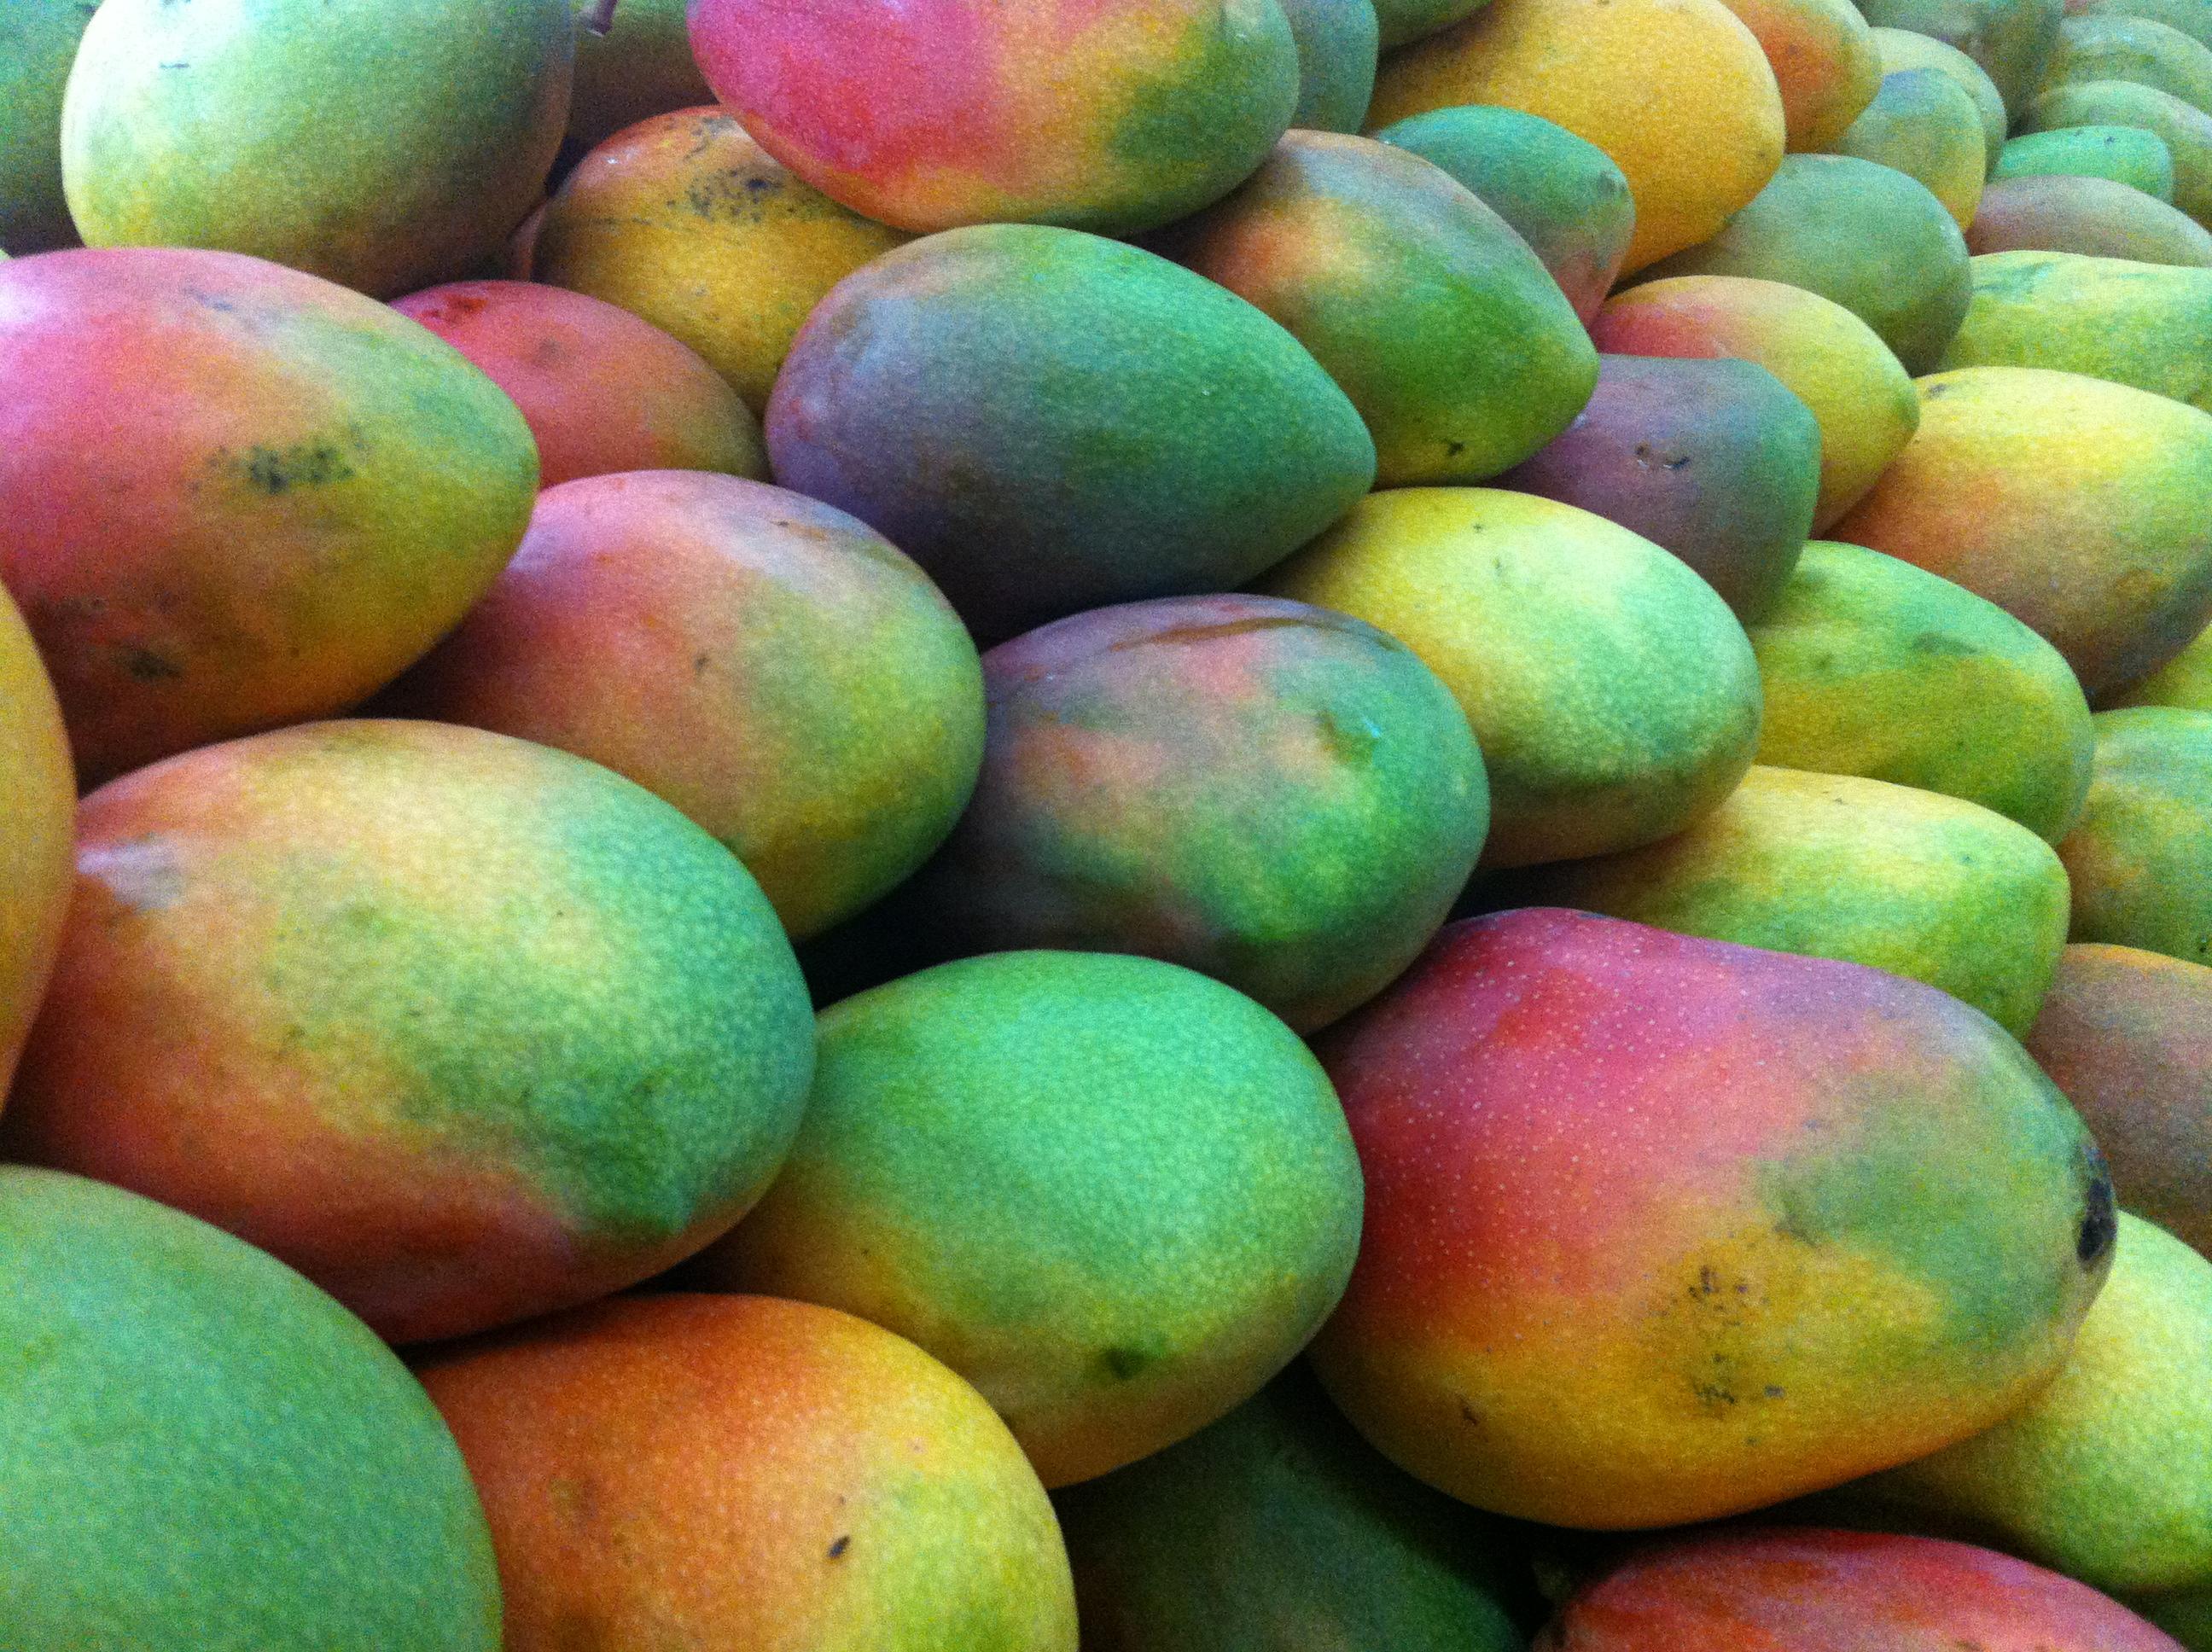 Farbverläufe bei Mangofrüchten in einem Supermarkt in Florencia, Kolumbien